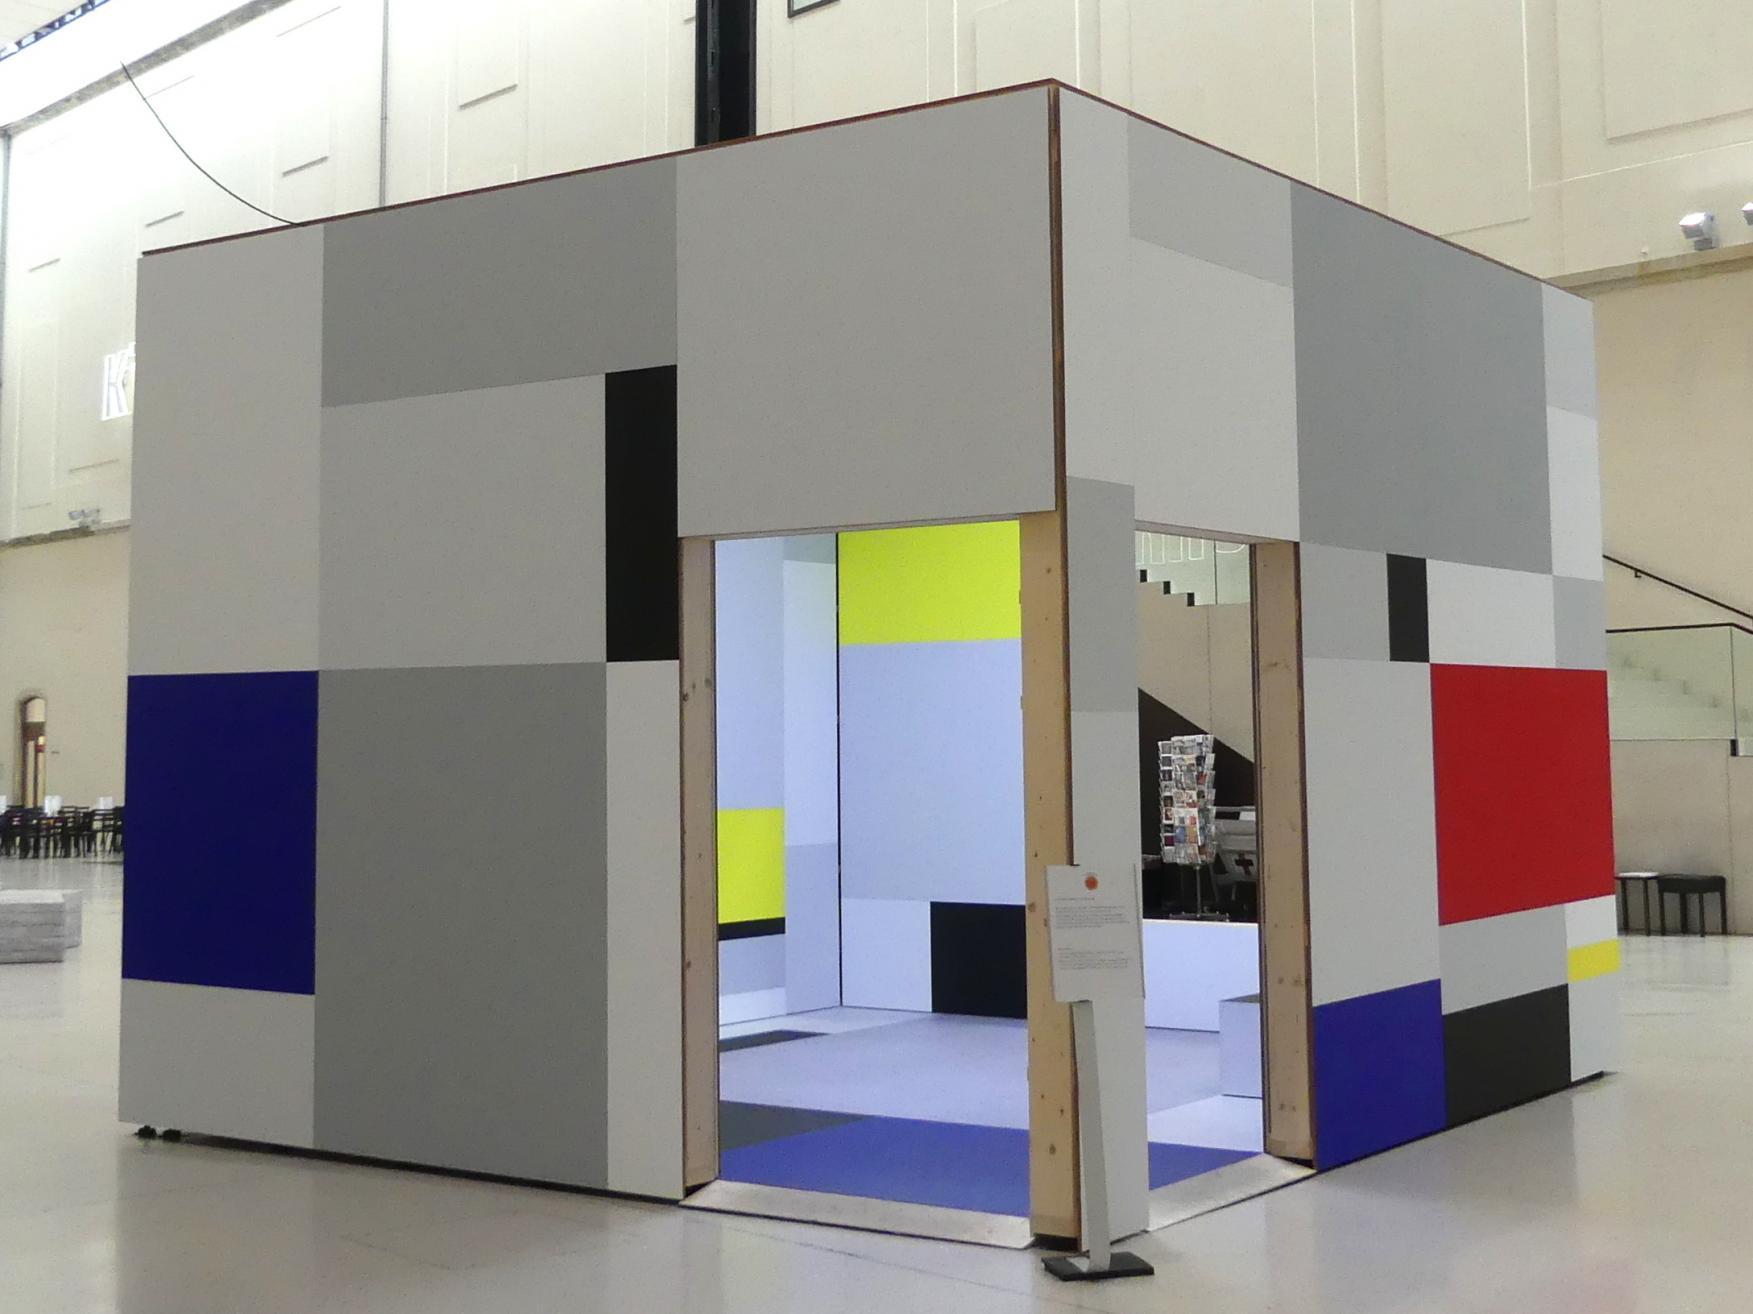 Heimo Zobernig: Piet Mondrian. Eine räumliche Aneignung, 2019